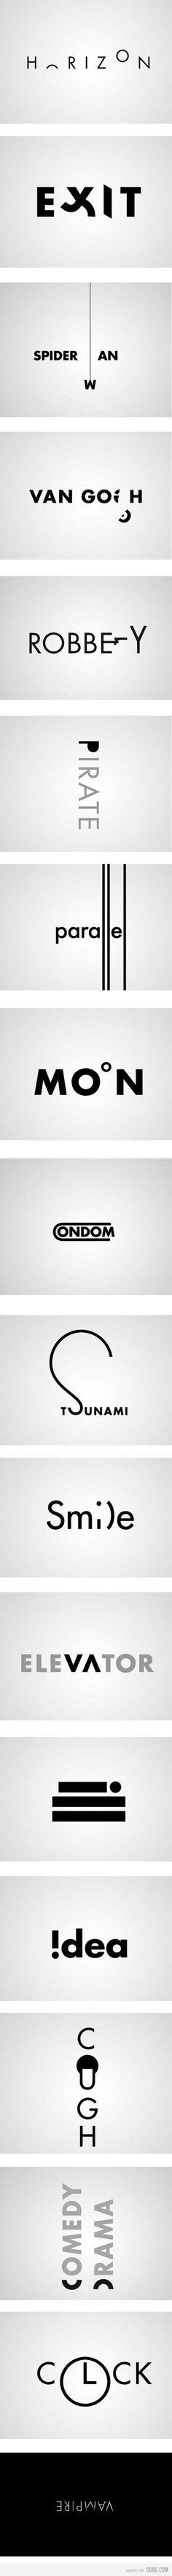 increíbles diseños con tipografía